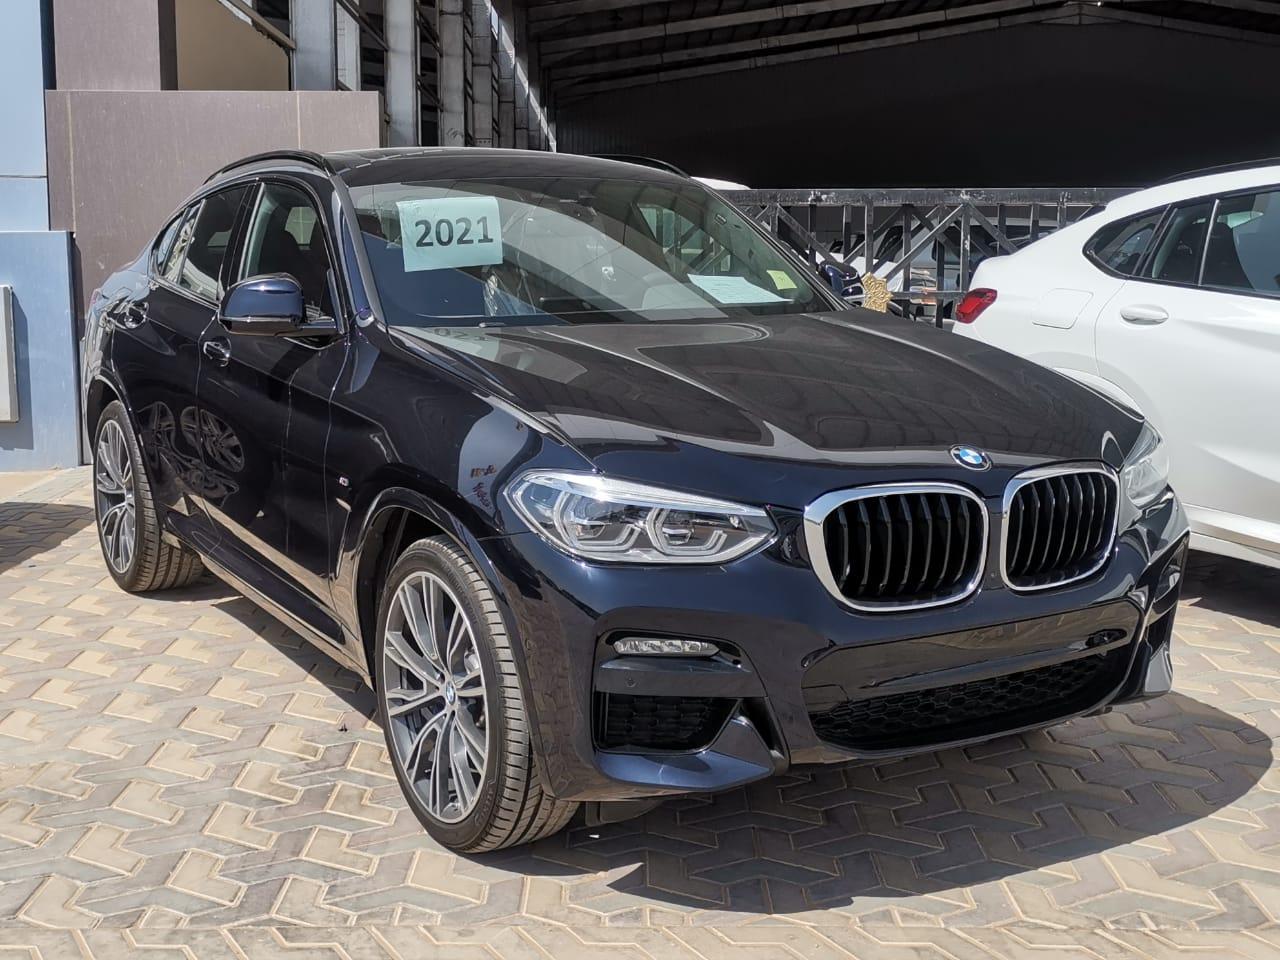 BMW الفئة X 4 xDrive 30i 2021 فل خليجي للبيع في الرياض - السعودية - صورة كبيرة - 2